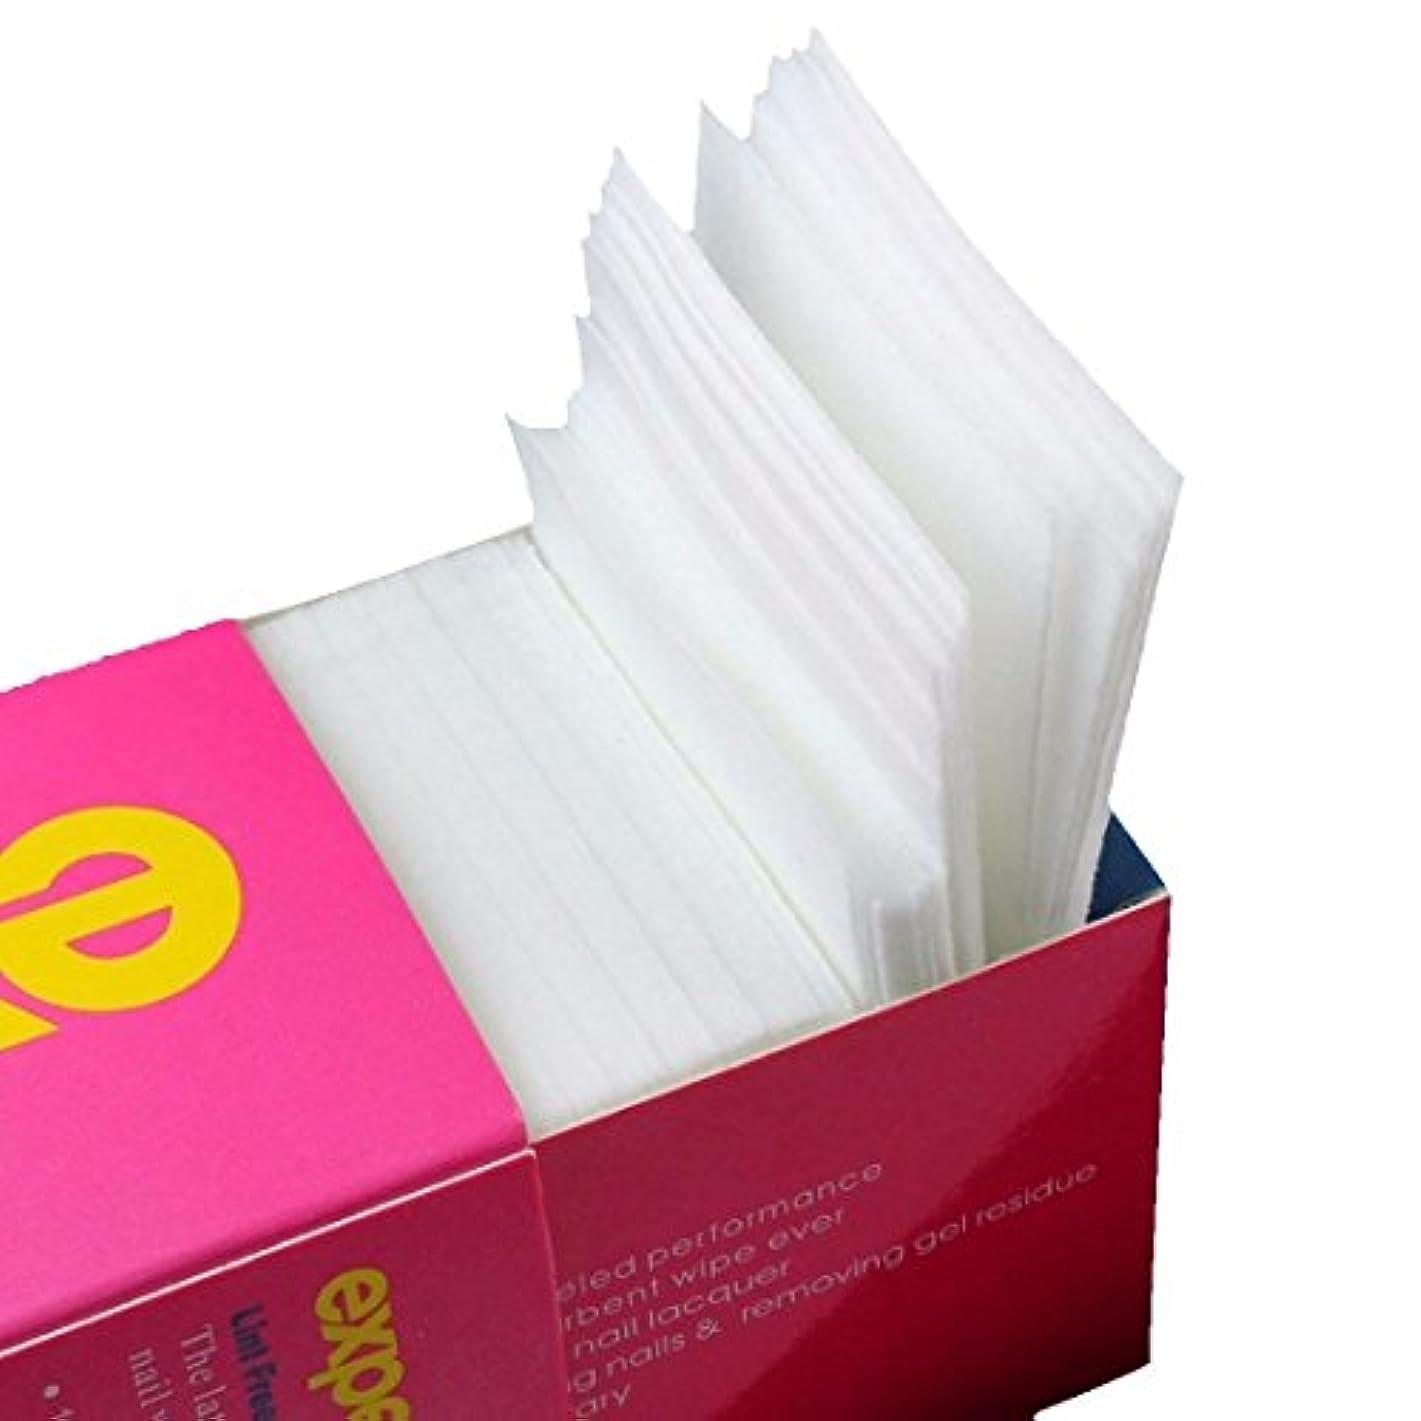 教育する予知カイウスCUHAWUDBA 325枚ネイルワイプリントフリーコットンパッド、ネイルジェル除去用不織布綿シートネイルポリッシュクリーニングパッド